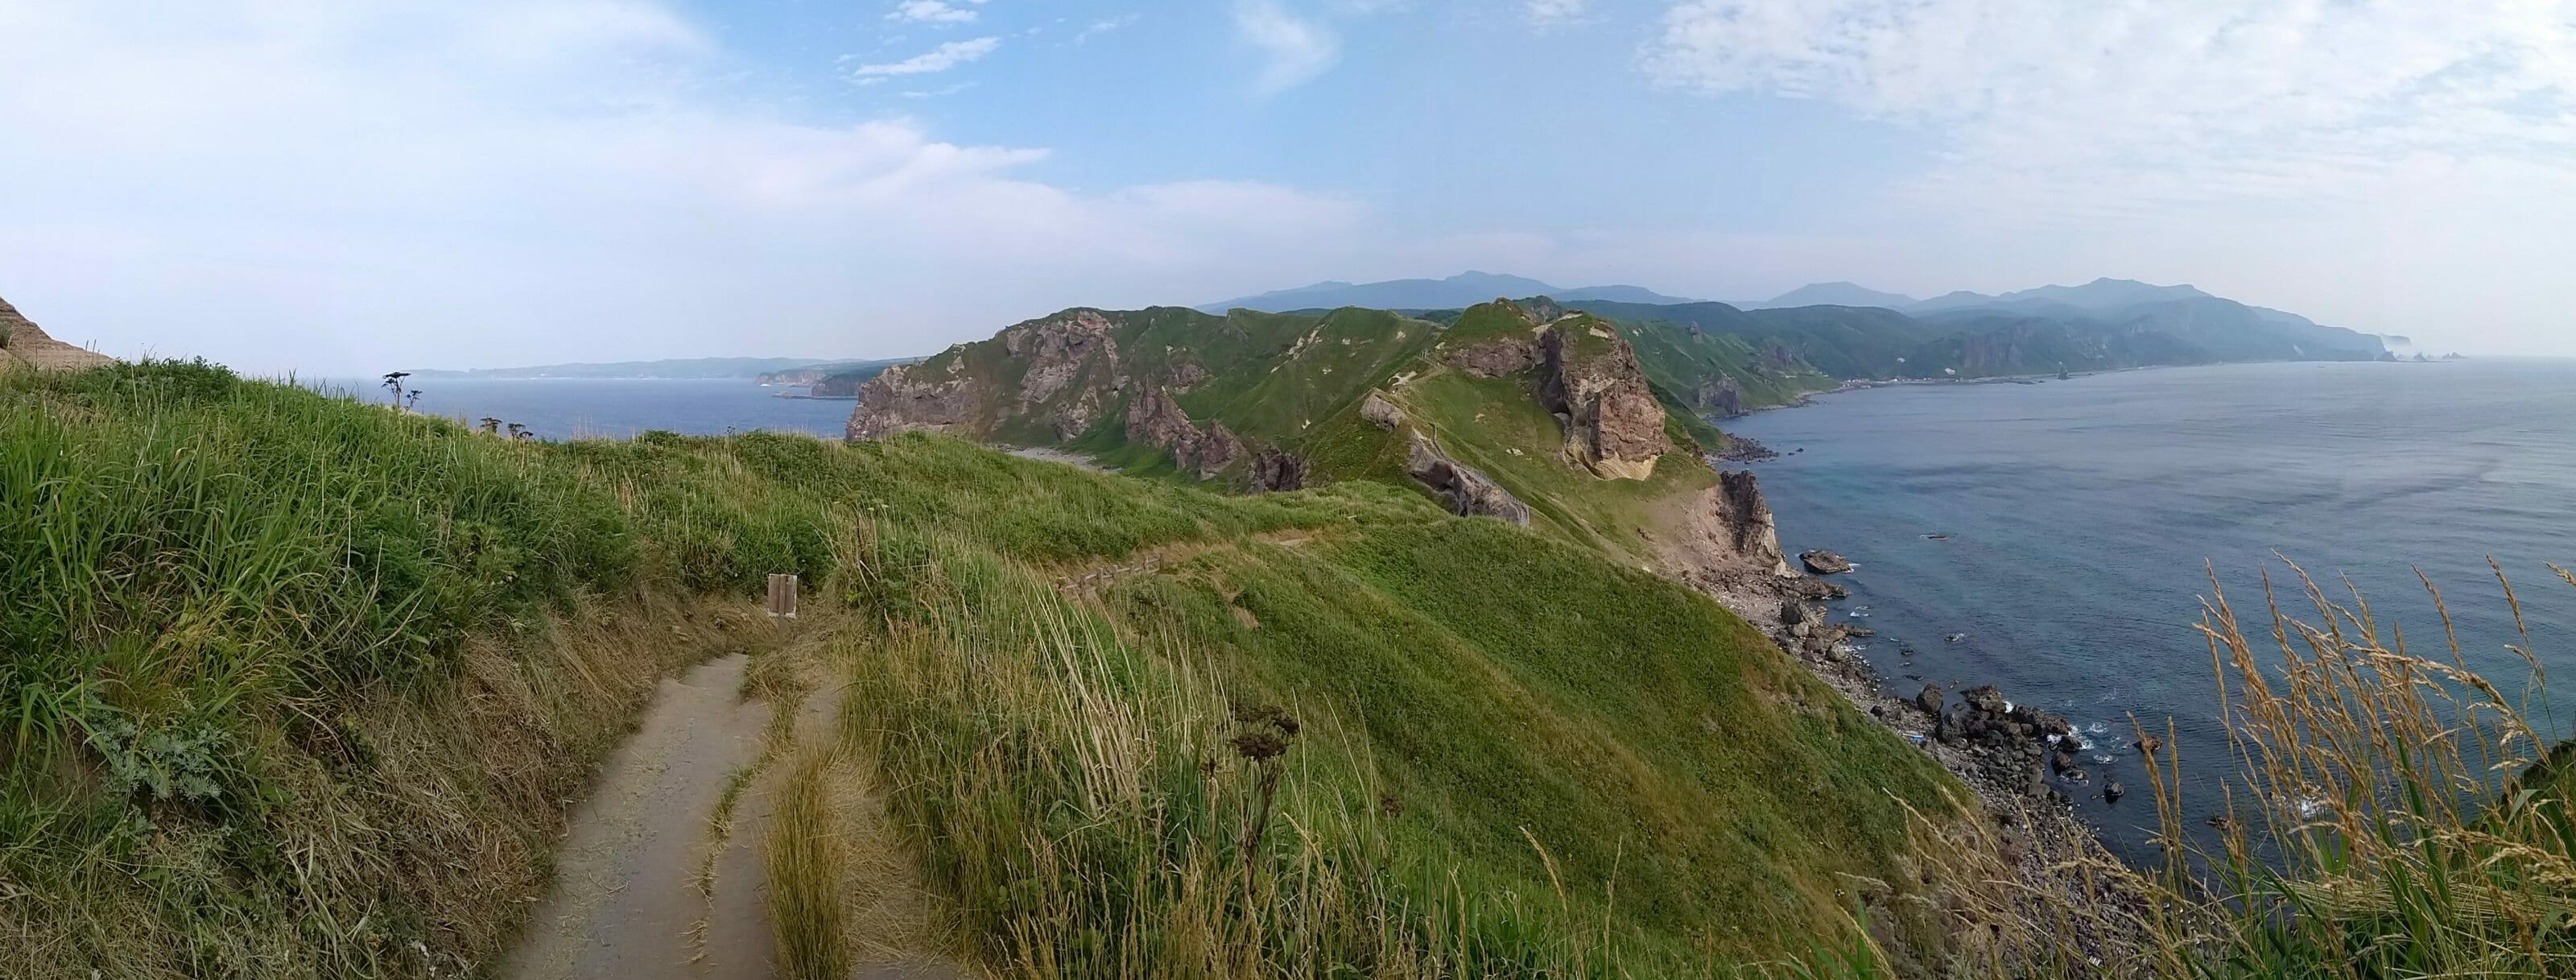 les montagnes du Japon autour d'Hokkaido